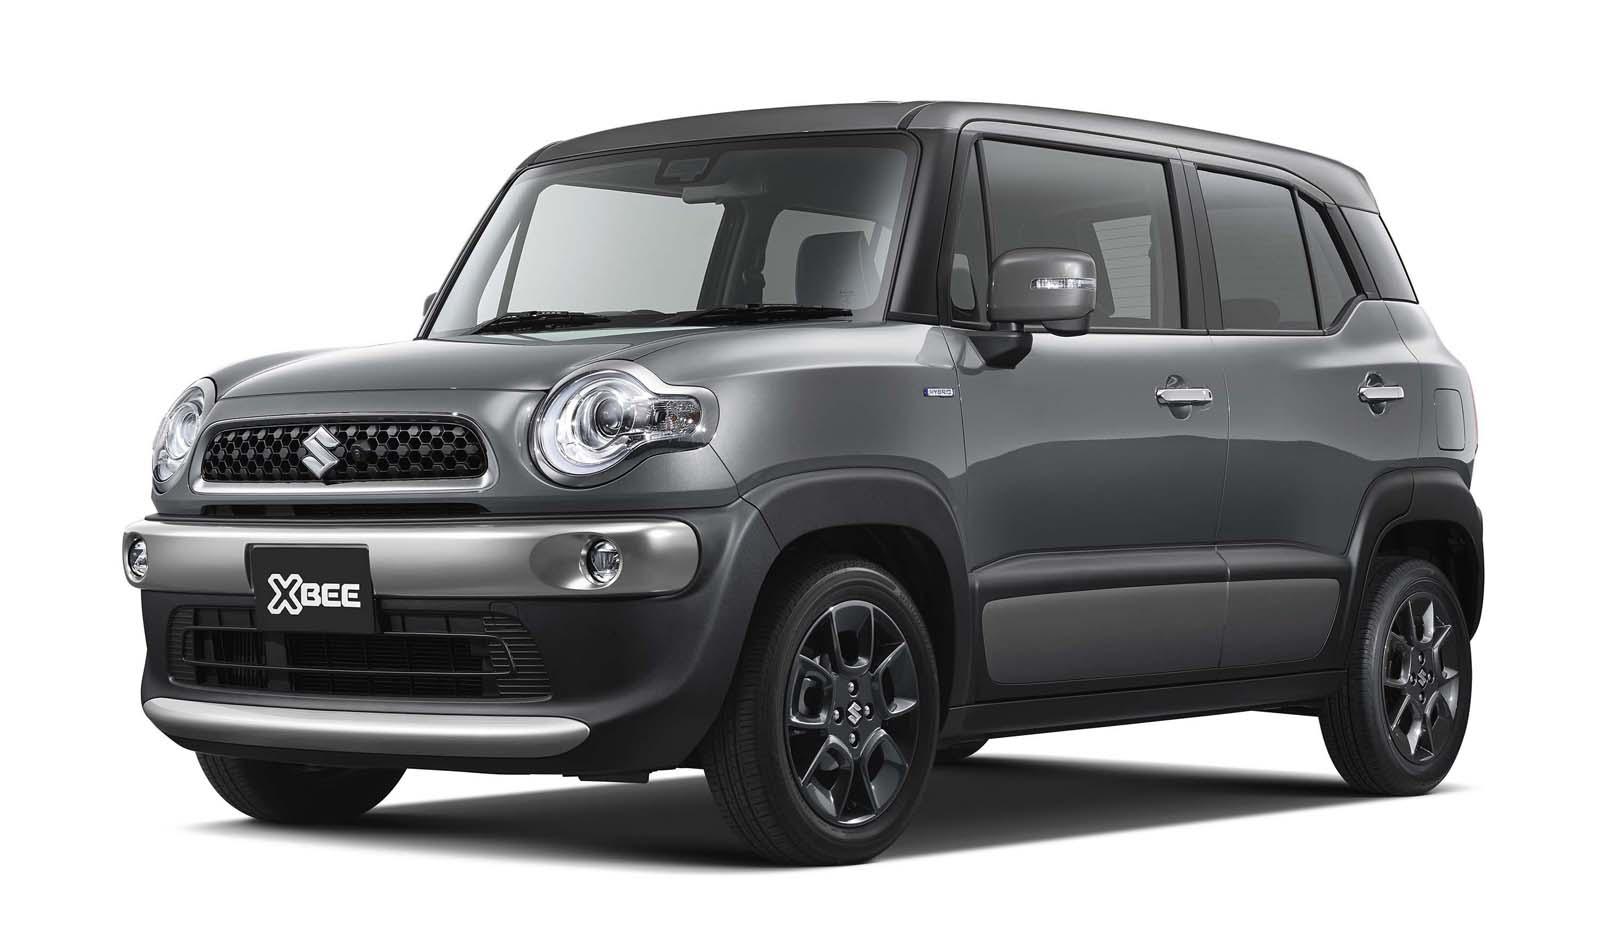 Suzuki Xbee 2018 (9)